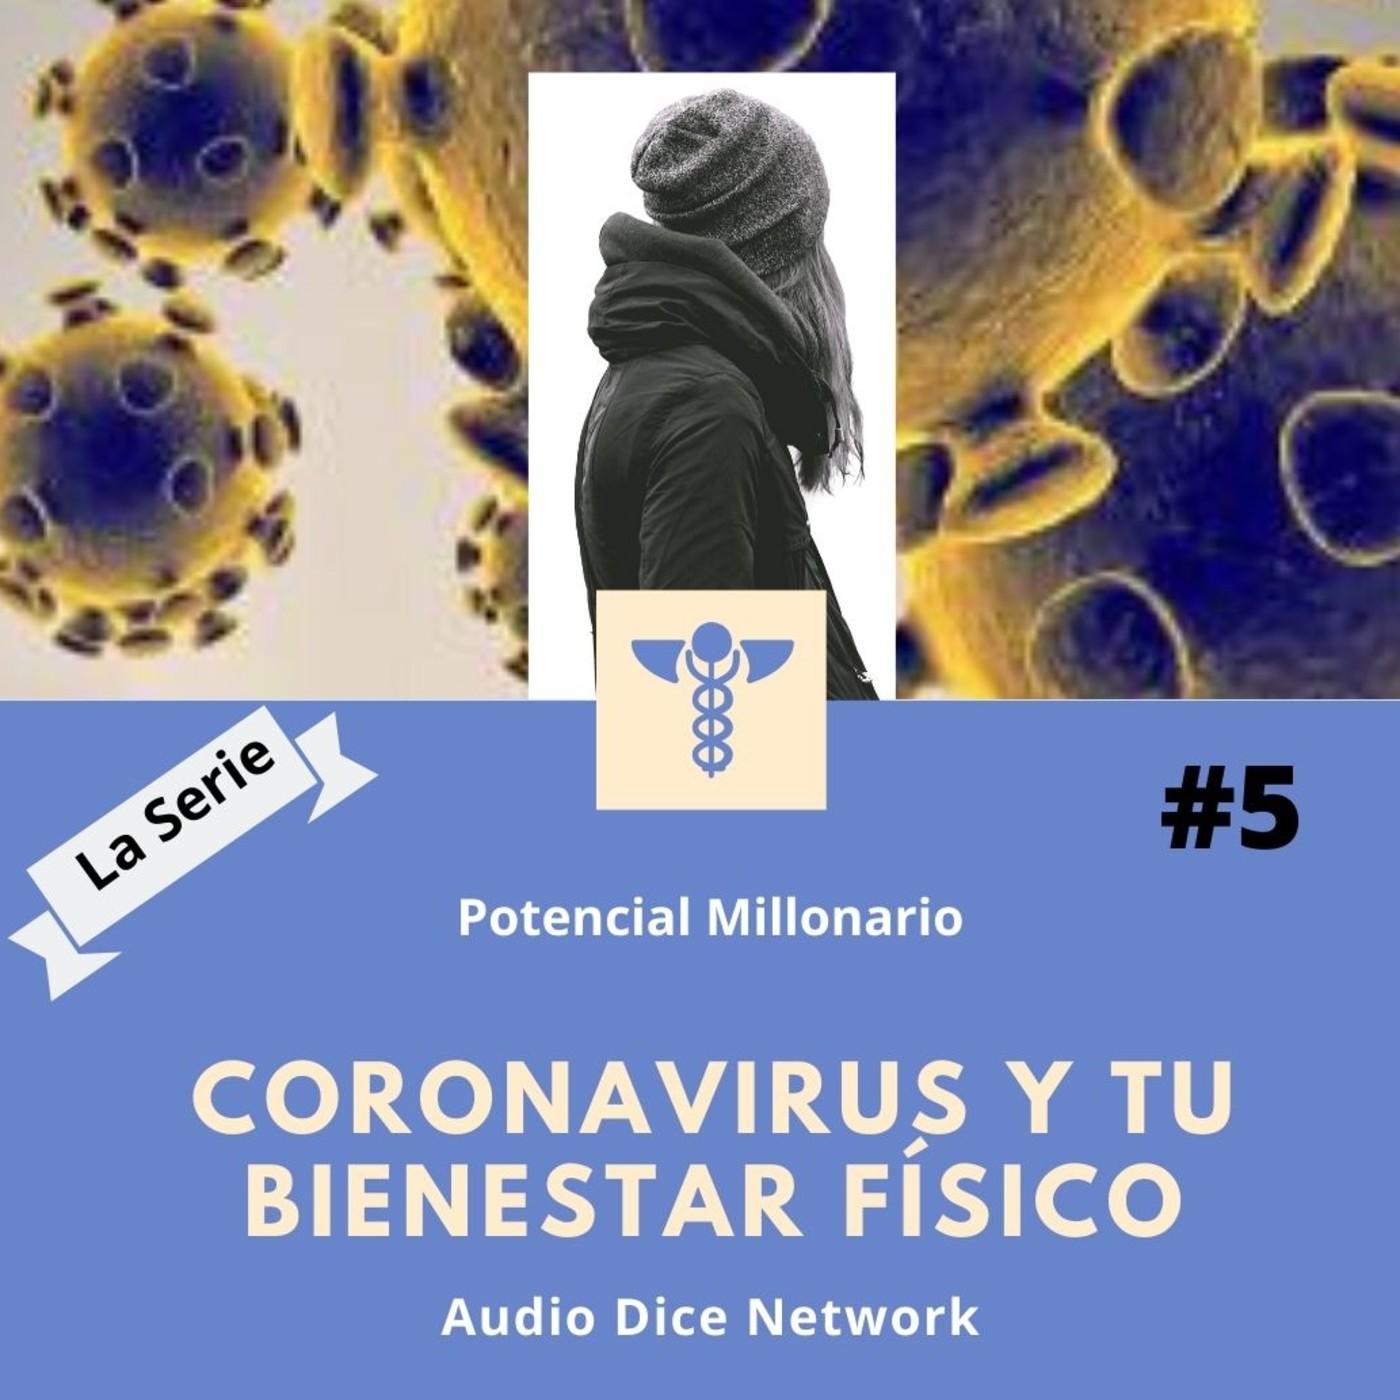 Corona virus y tu bienestar físico en Potencial Millonario por Felix A. Montelara